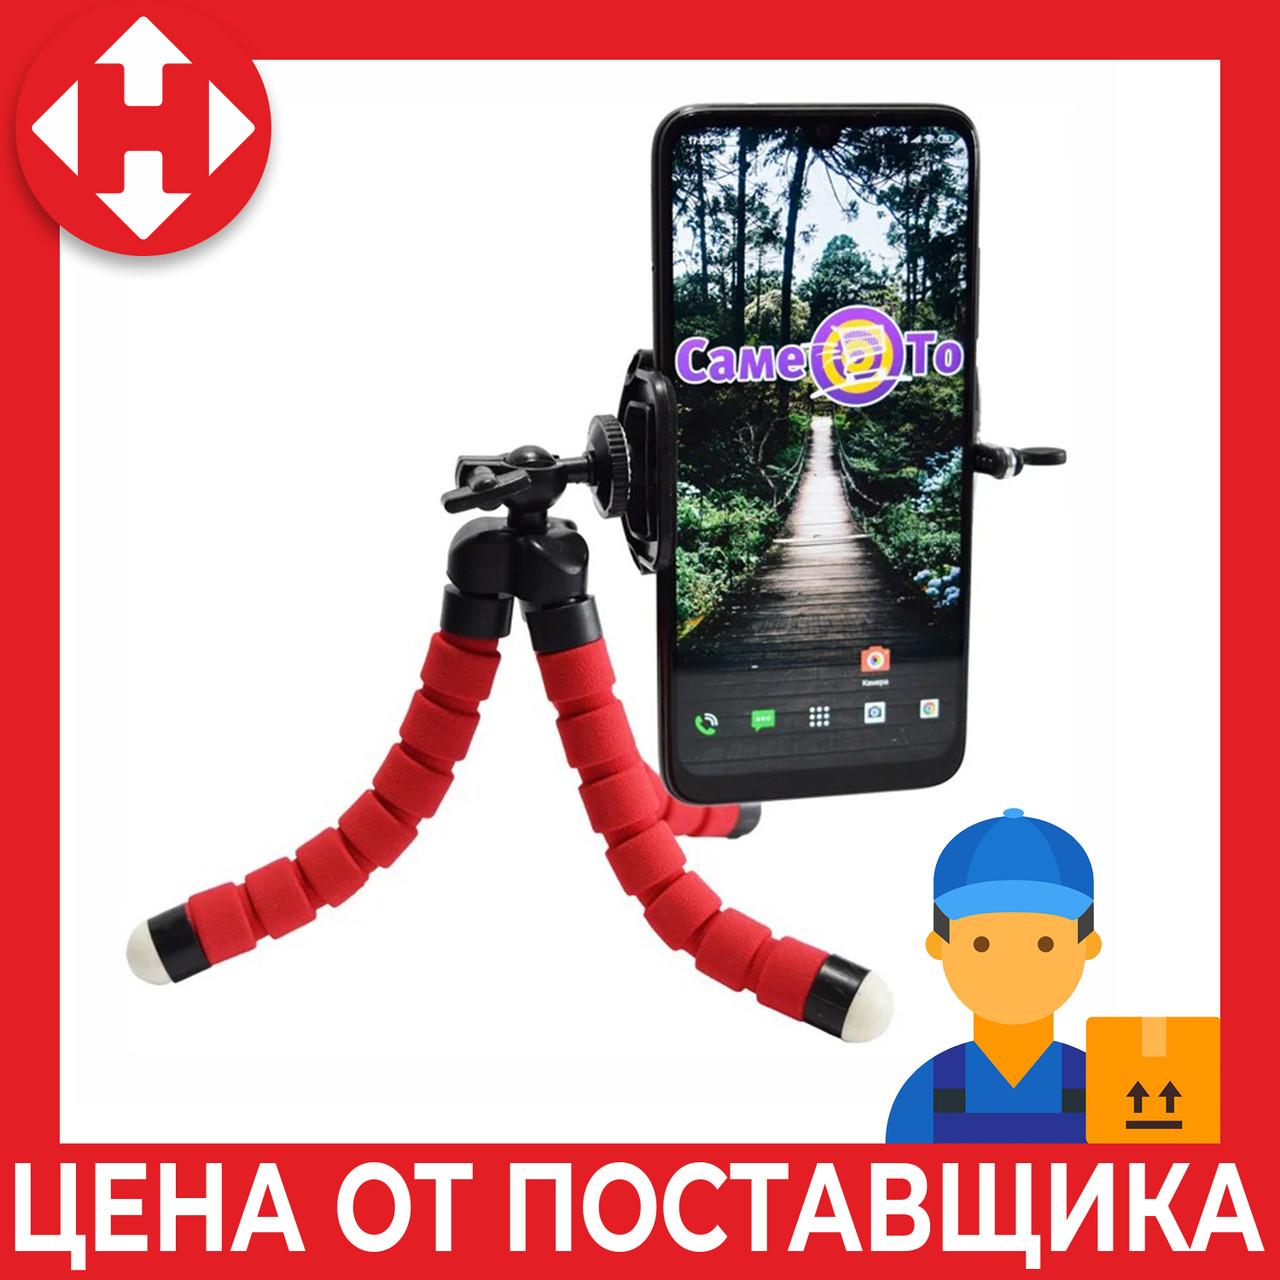 Универсальный штатив Осьминог, держатель для телефона и фотоаппарата, красный, с доставкой по Украине